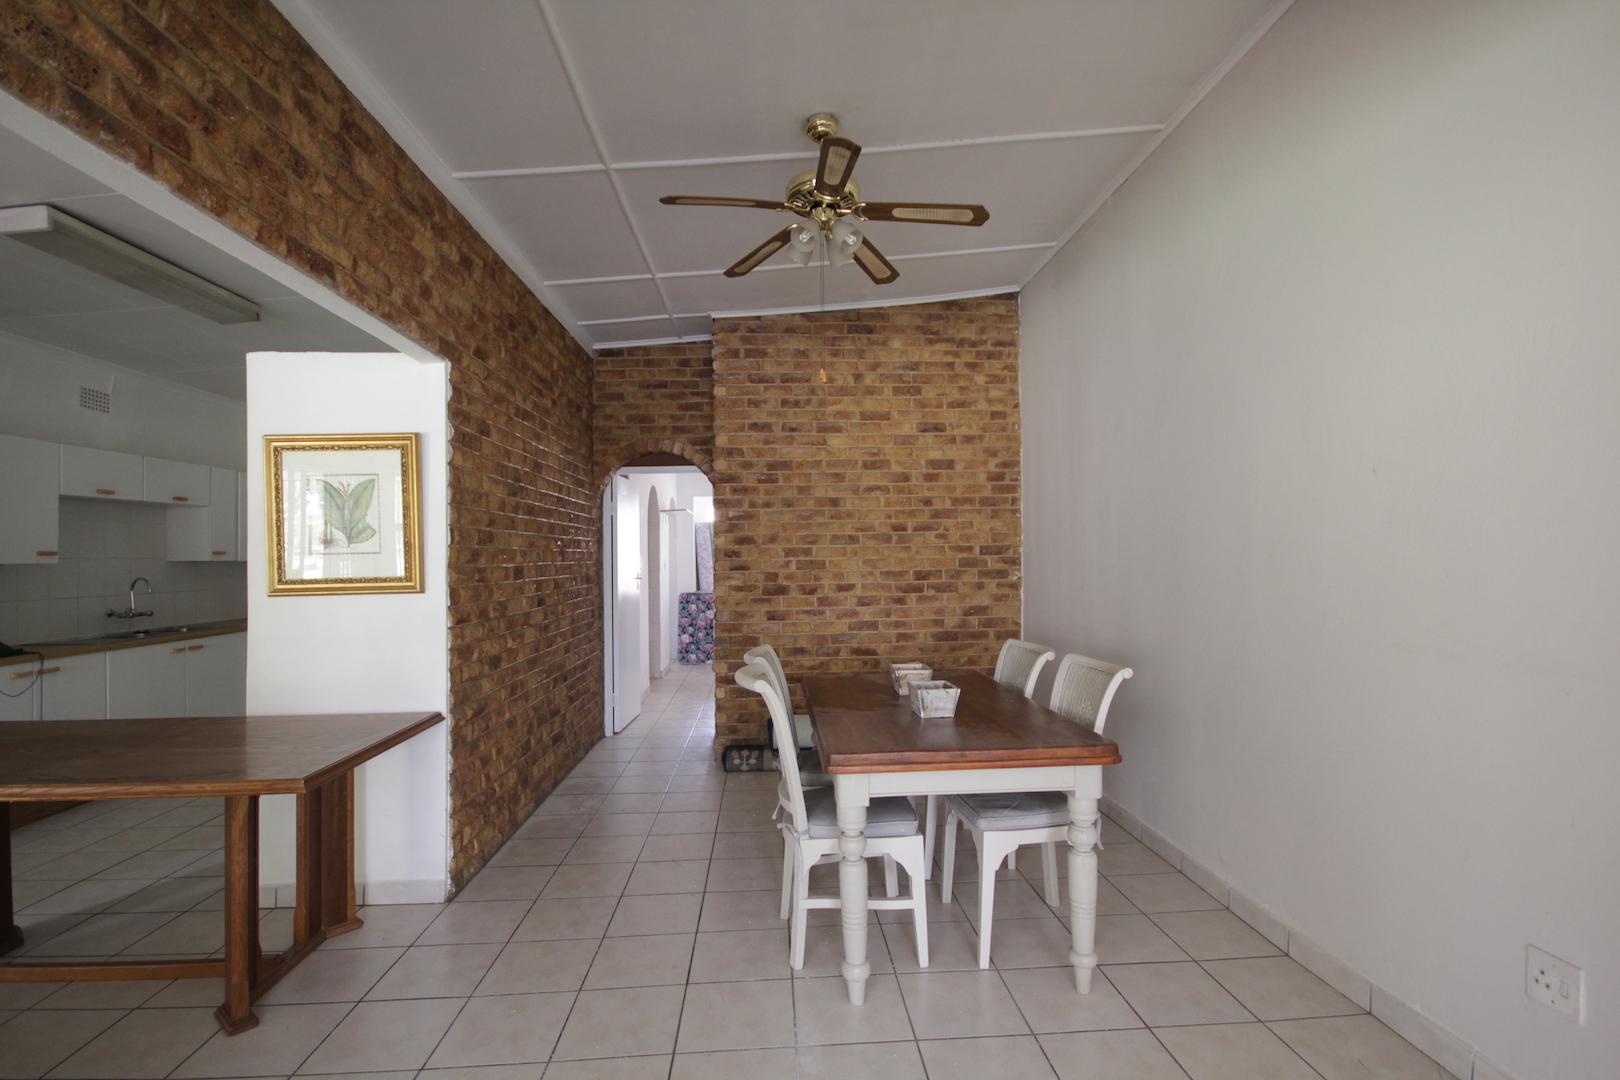 1 Bedroom House for sale in Brackenhurst ENT0067102 : photo#4